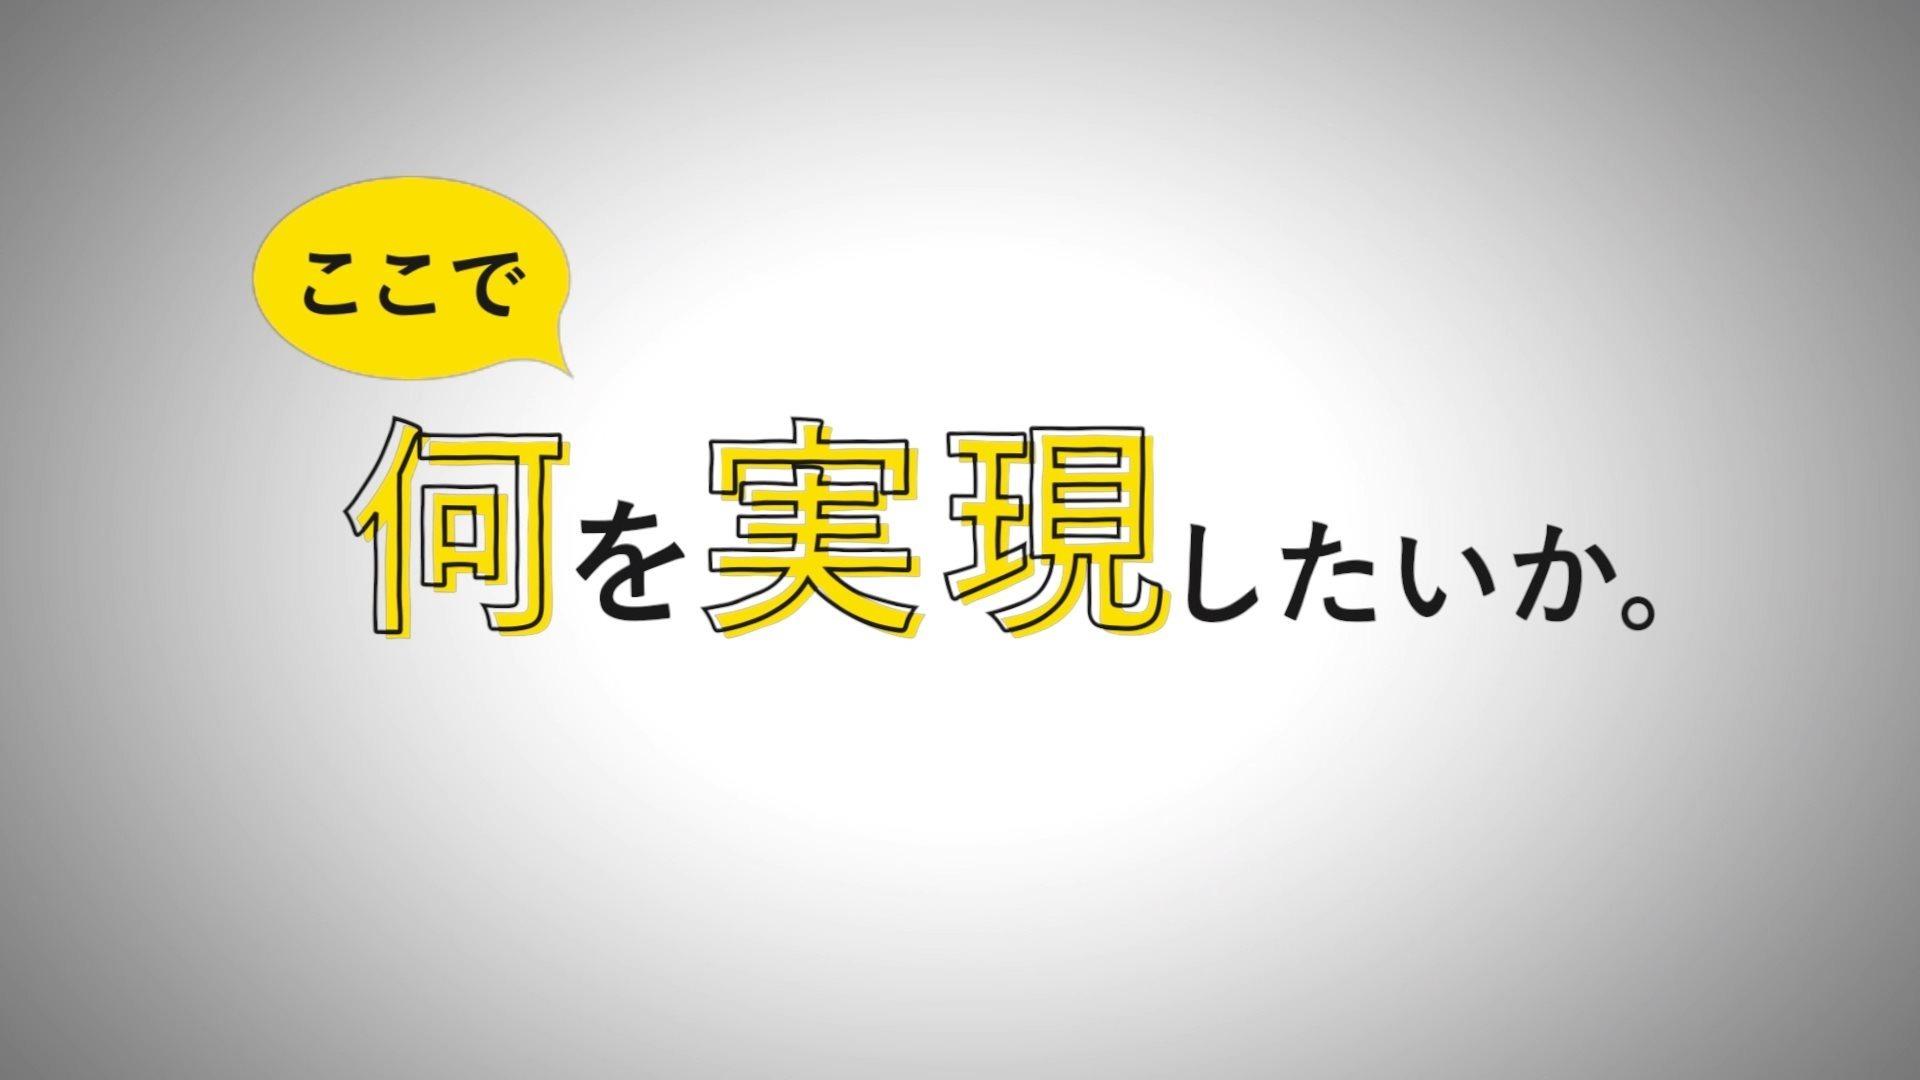 【パチンコ未来ラボ】ティザー動画 第1弾